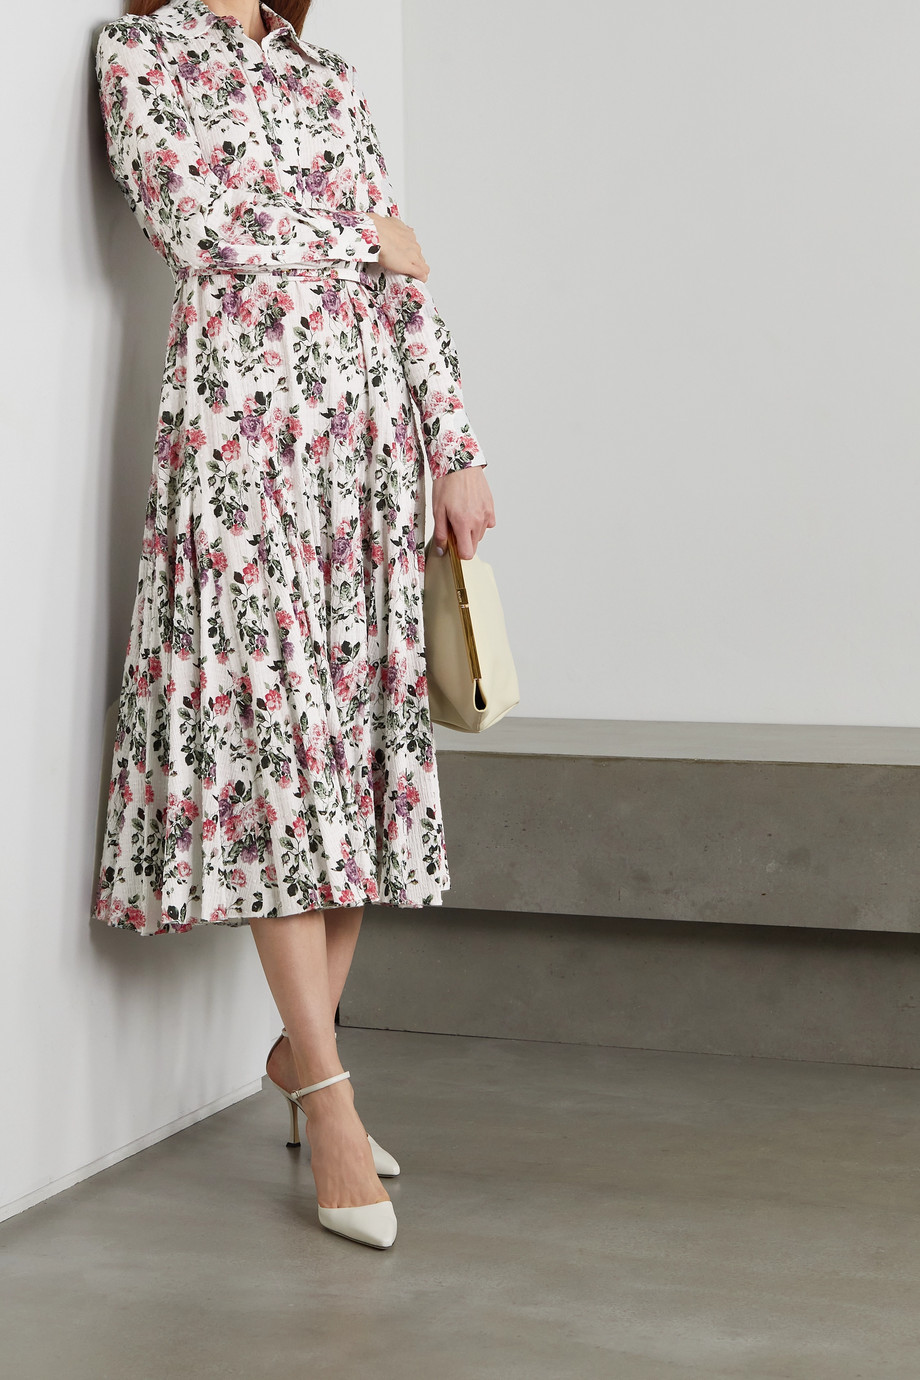 Emilia Wickstead Marion Midikleid aus Seersucker aus einer Baumwollmischung mit Webpunkten, Blumenprint und Gürtel